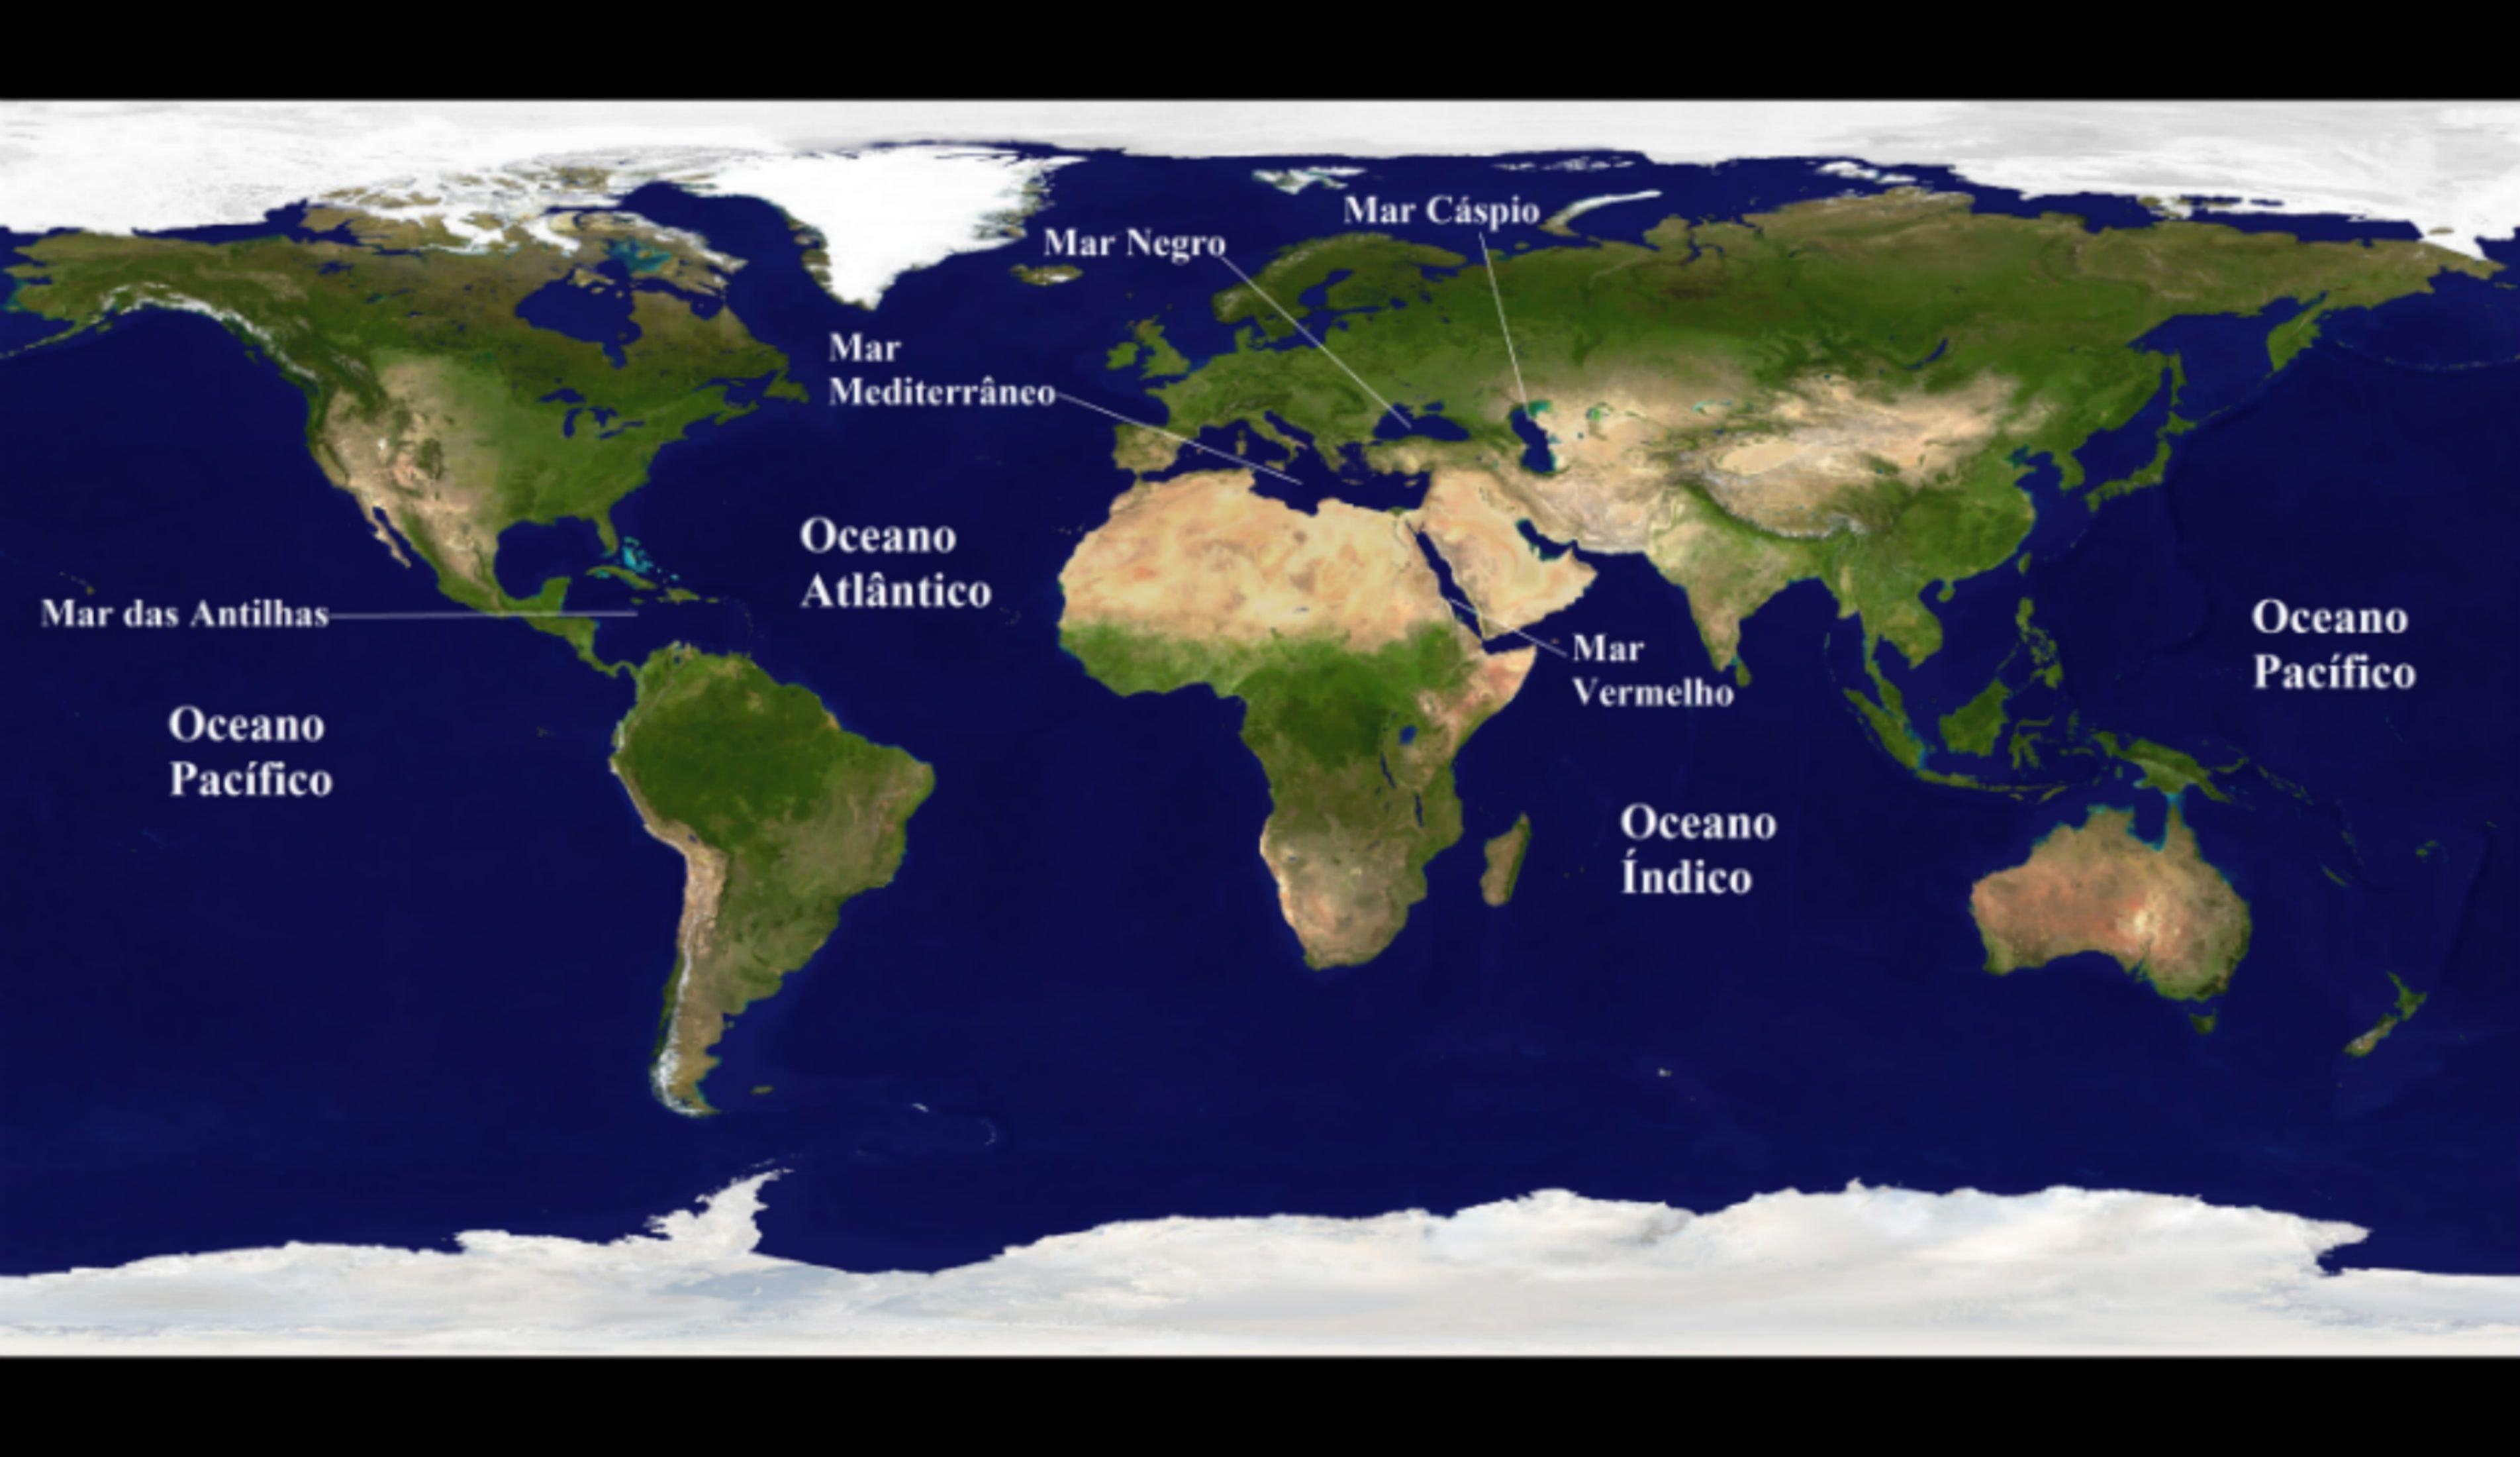 Mares e Oceanos do Mundo